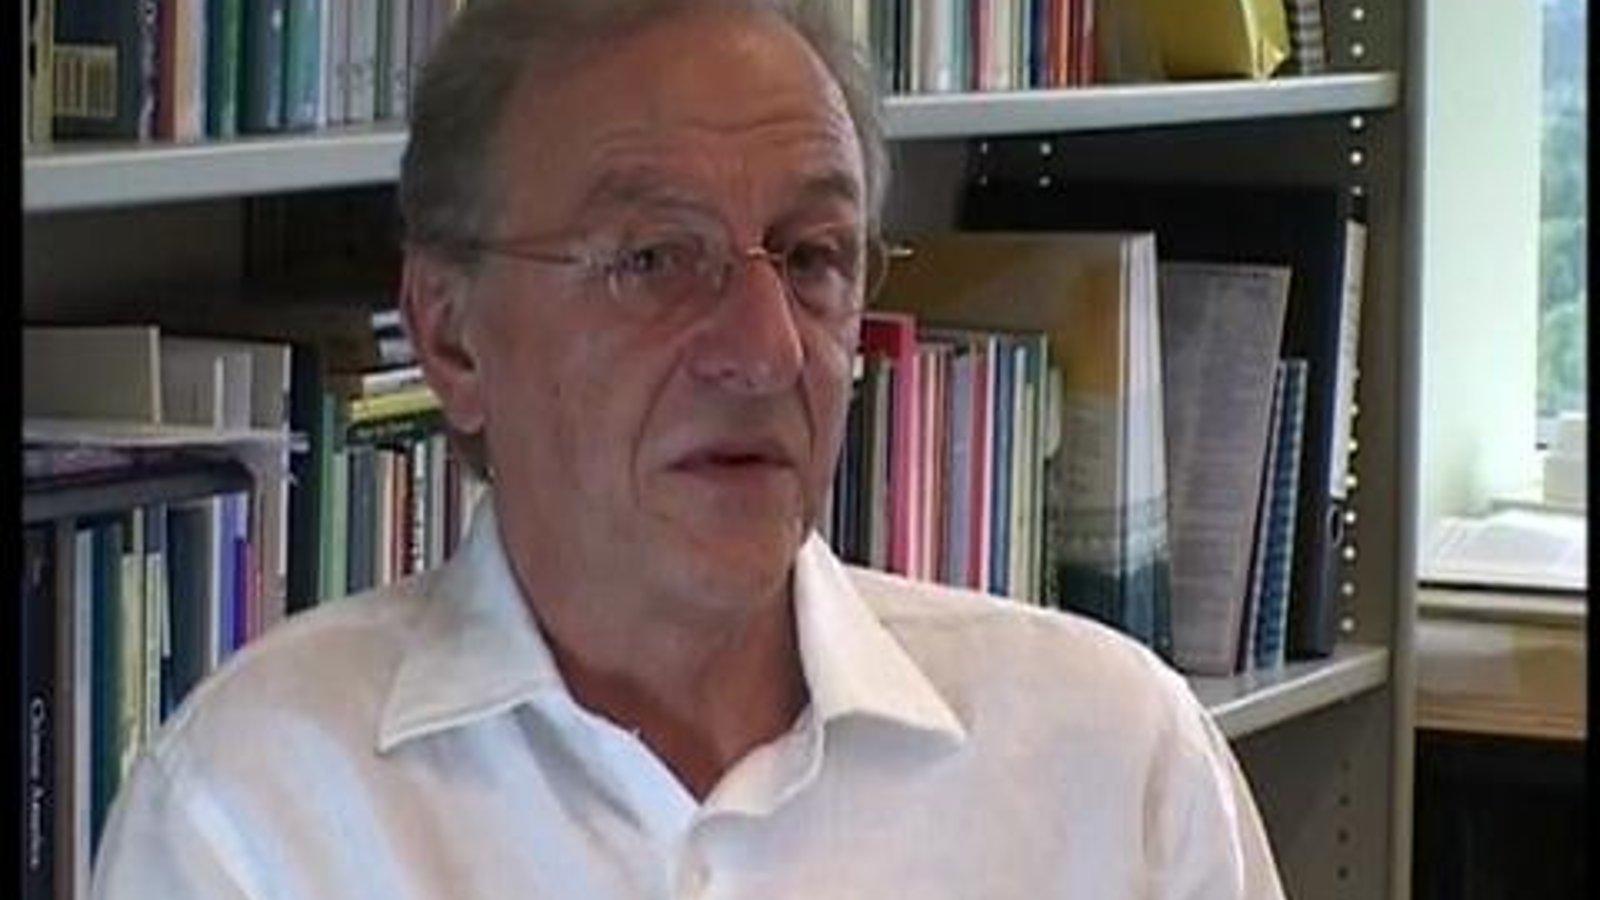 Pim Fortuyn: Death Of A Populist